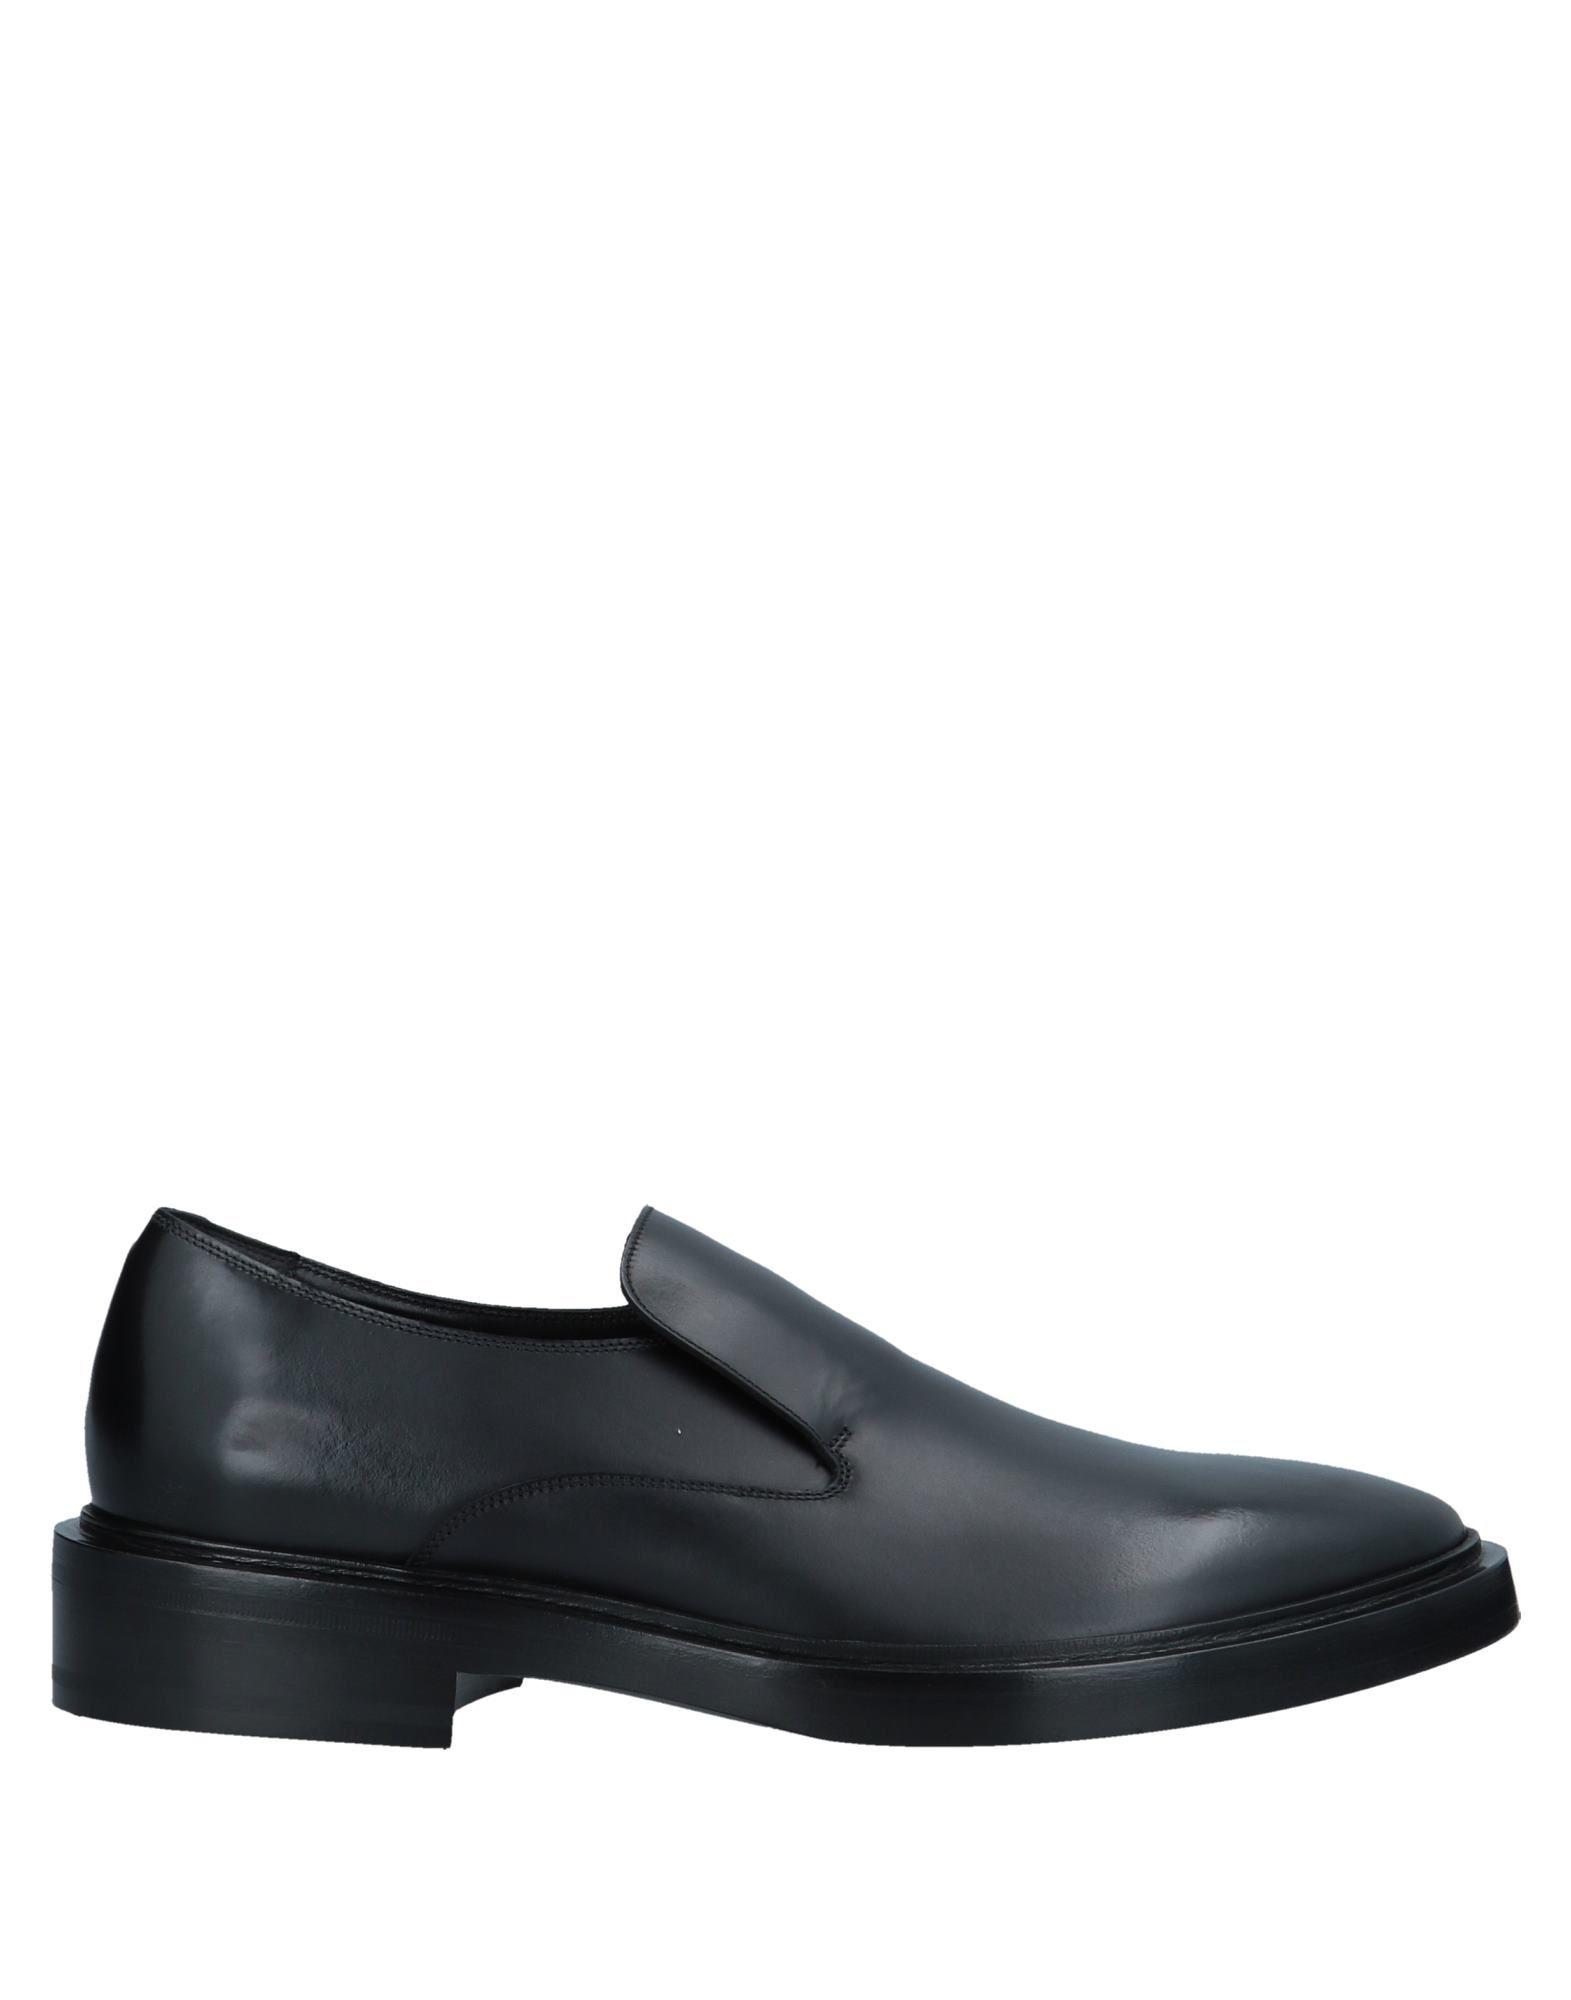 Balenciaga Mokassins Gute Herren  11555125LJ Gute Mokassins Qualität beliebte Schuhe 55f1d3